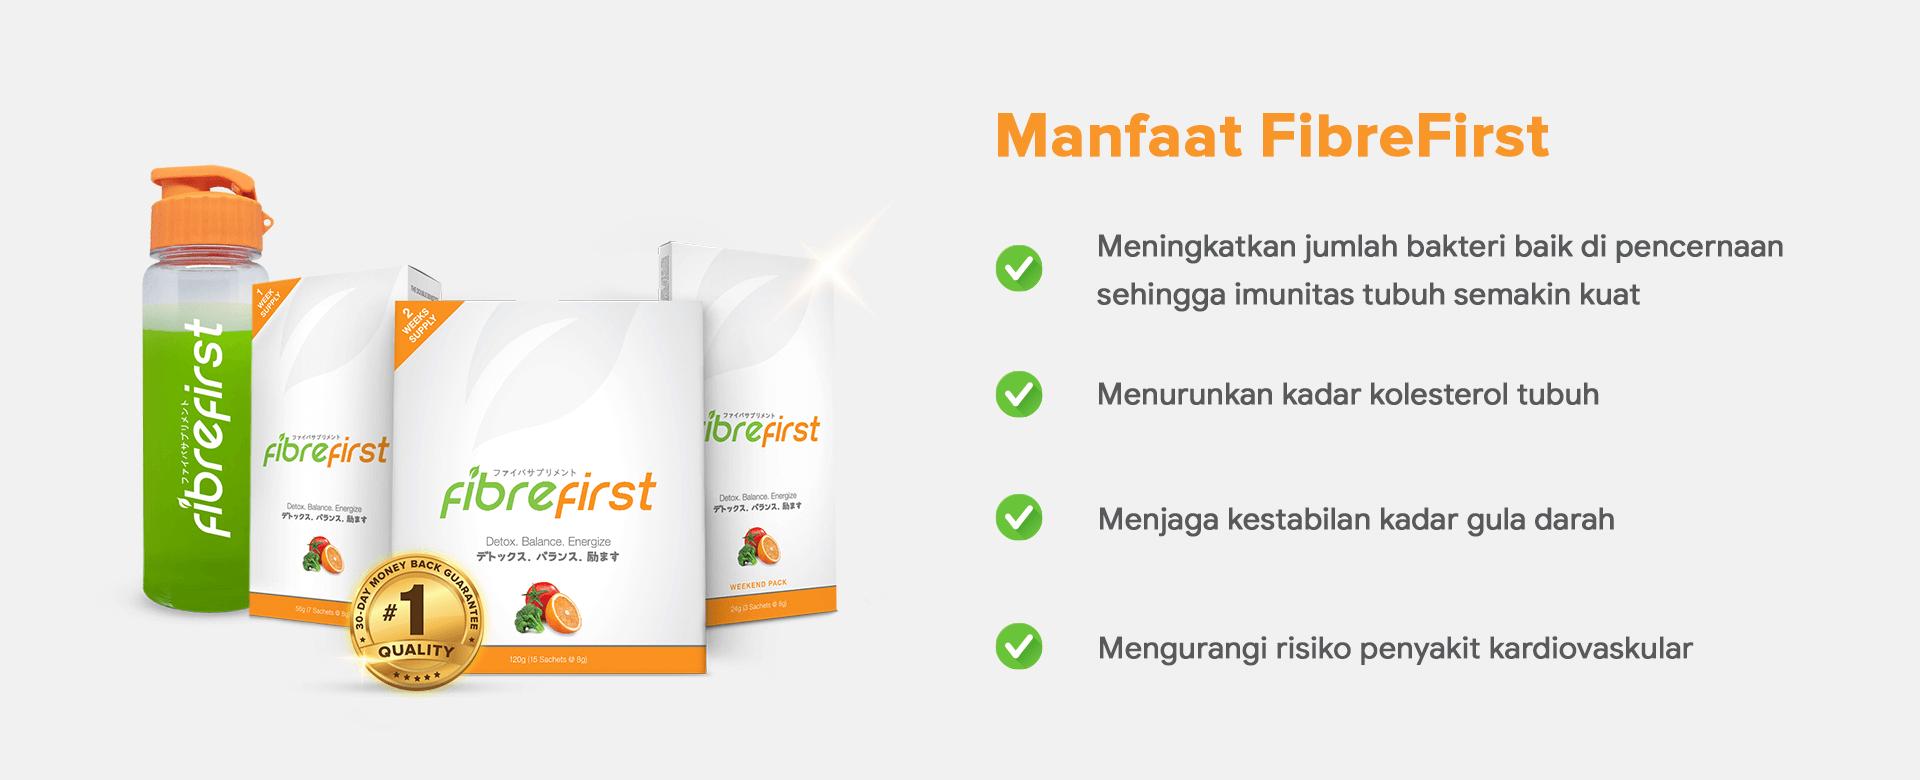 Manfaat FibreFirst